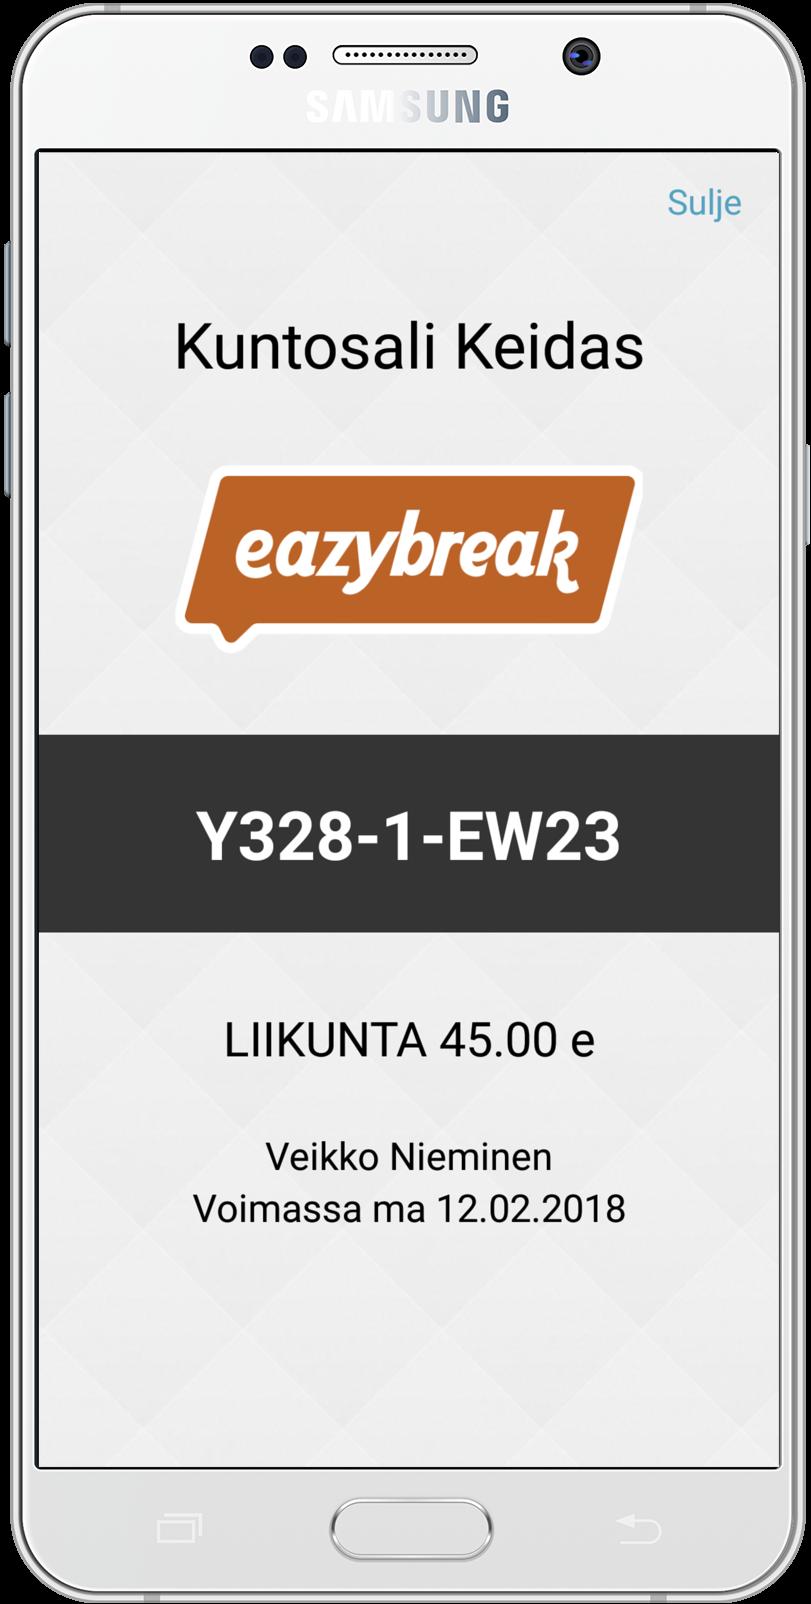 Eazybreak Liikuntaseteli iOS-sovelluksessa